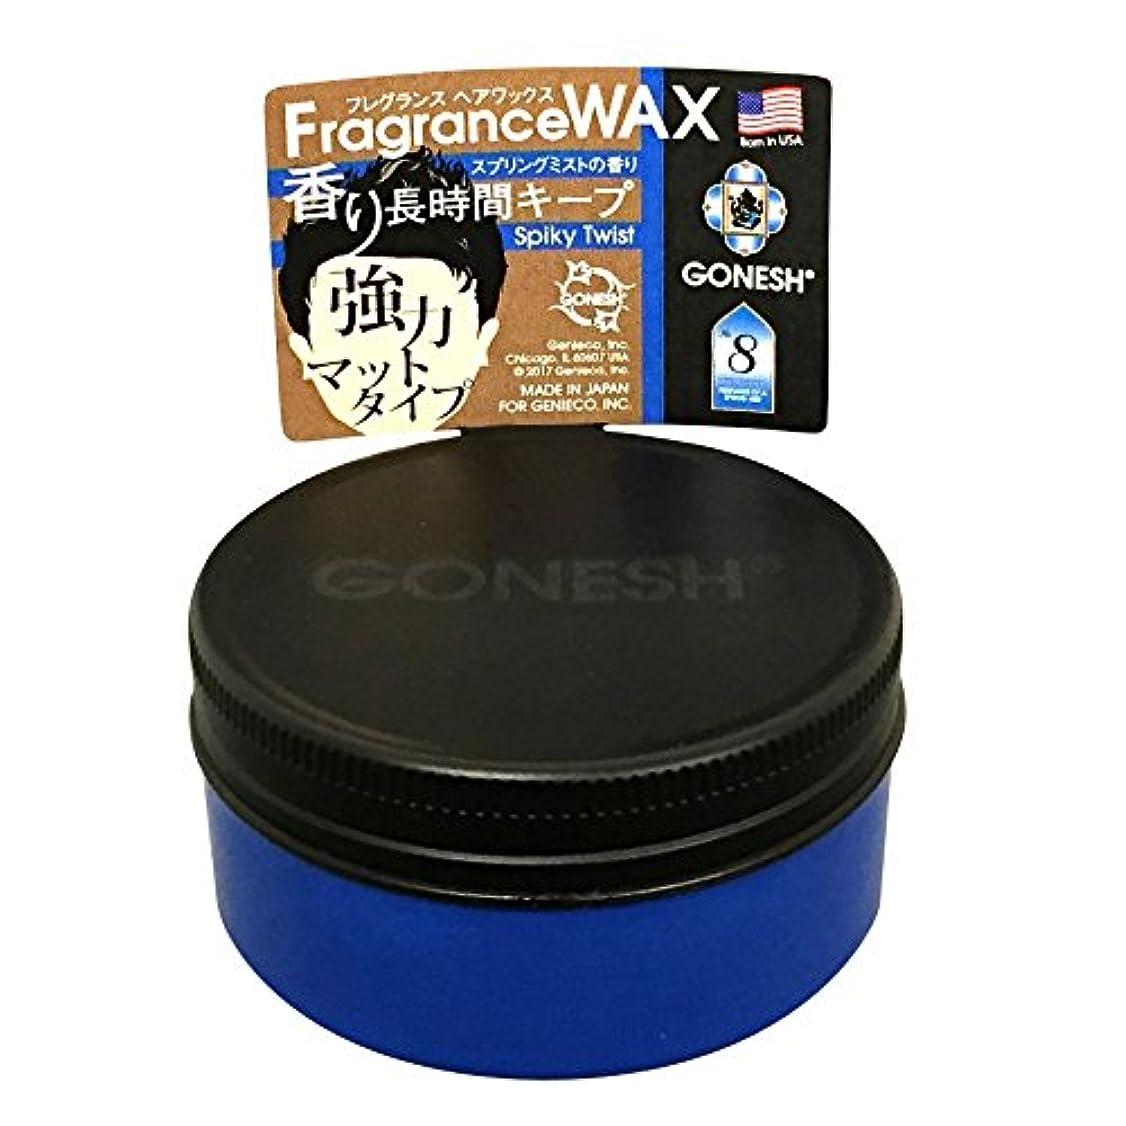 アナリストアクションすみませんGONESH フレグランスヘアワックス(スタイリング剤) NO.8 強力マットタイプ 60g